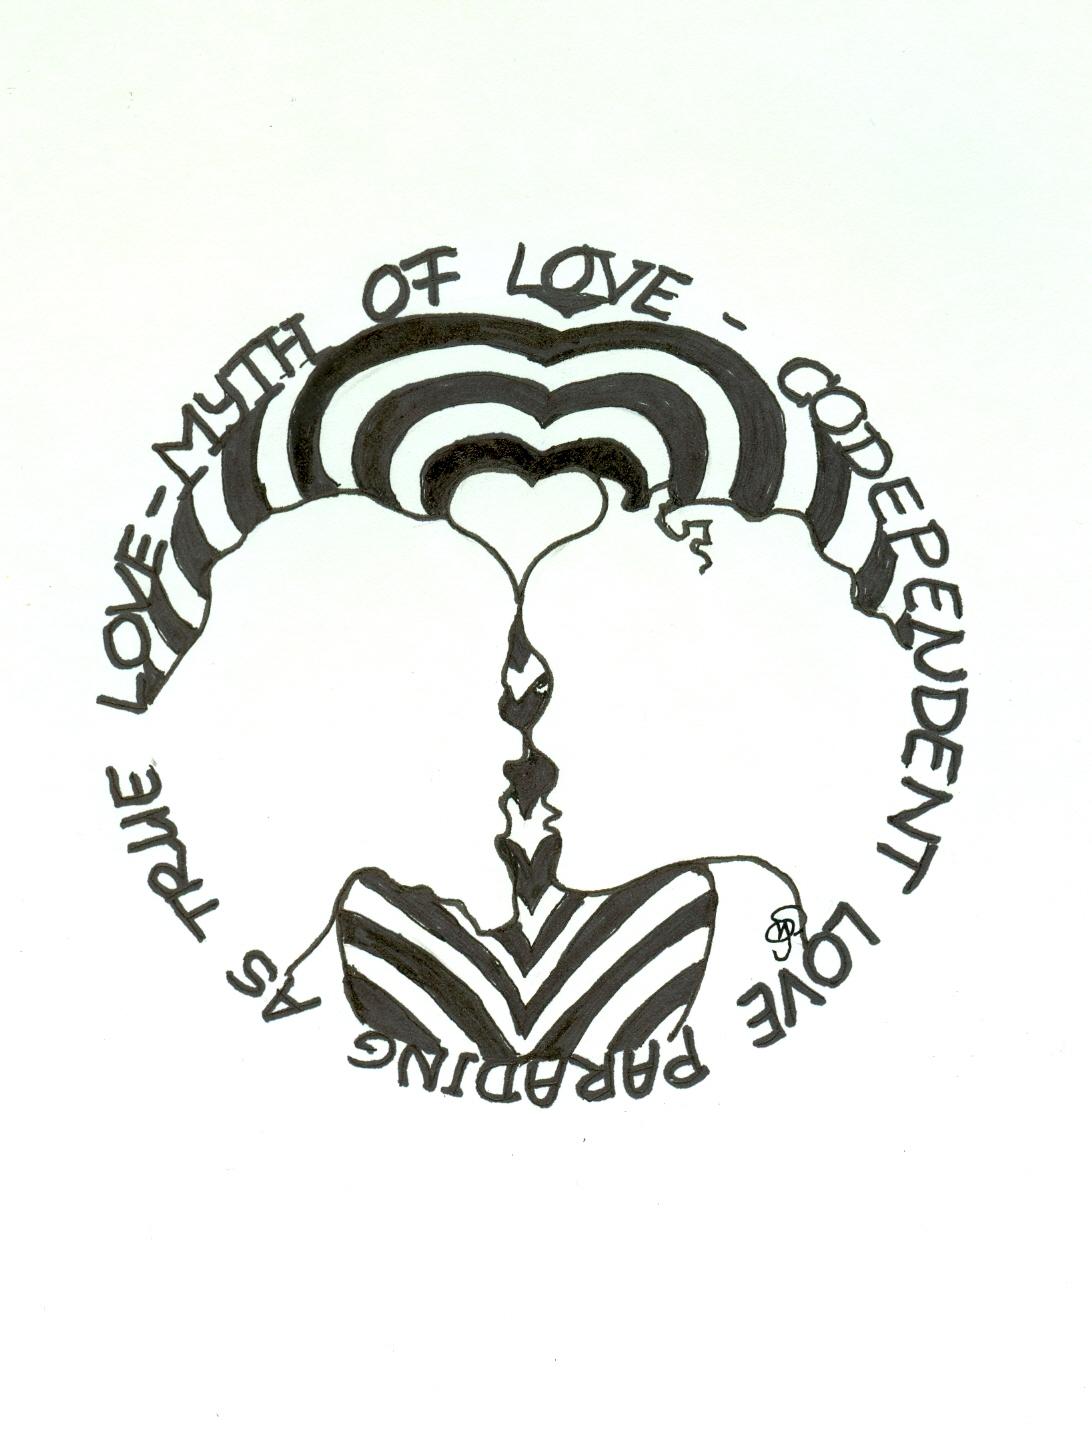 Het sprookje van eeuwige liefde,  ©Monique Spangenberg